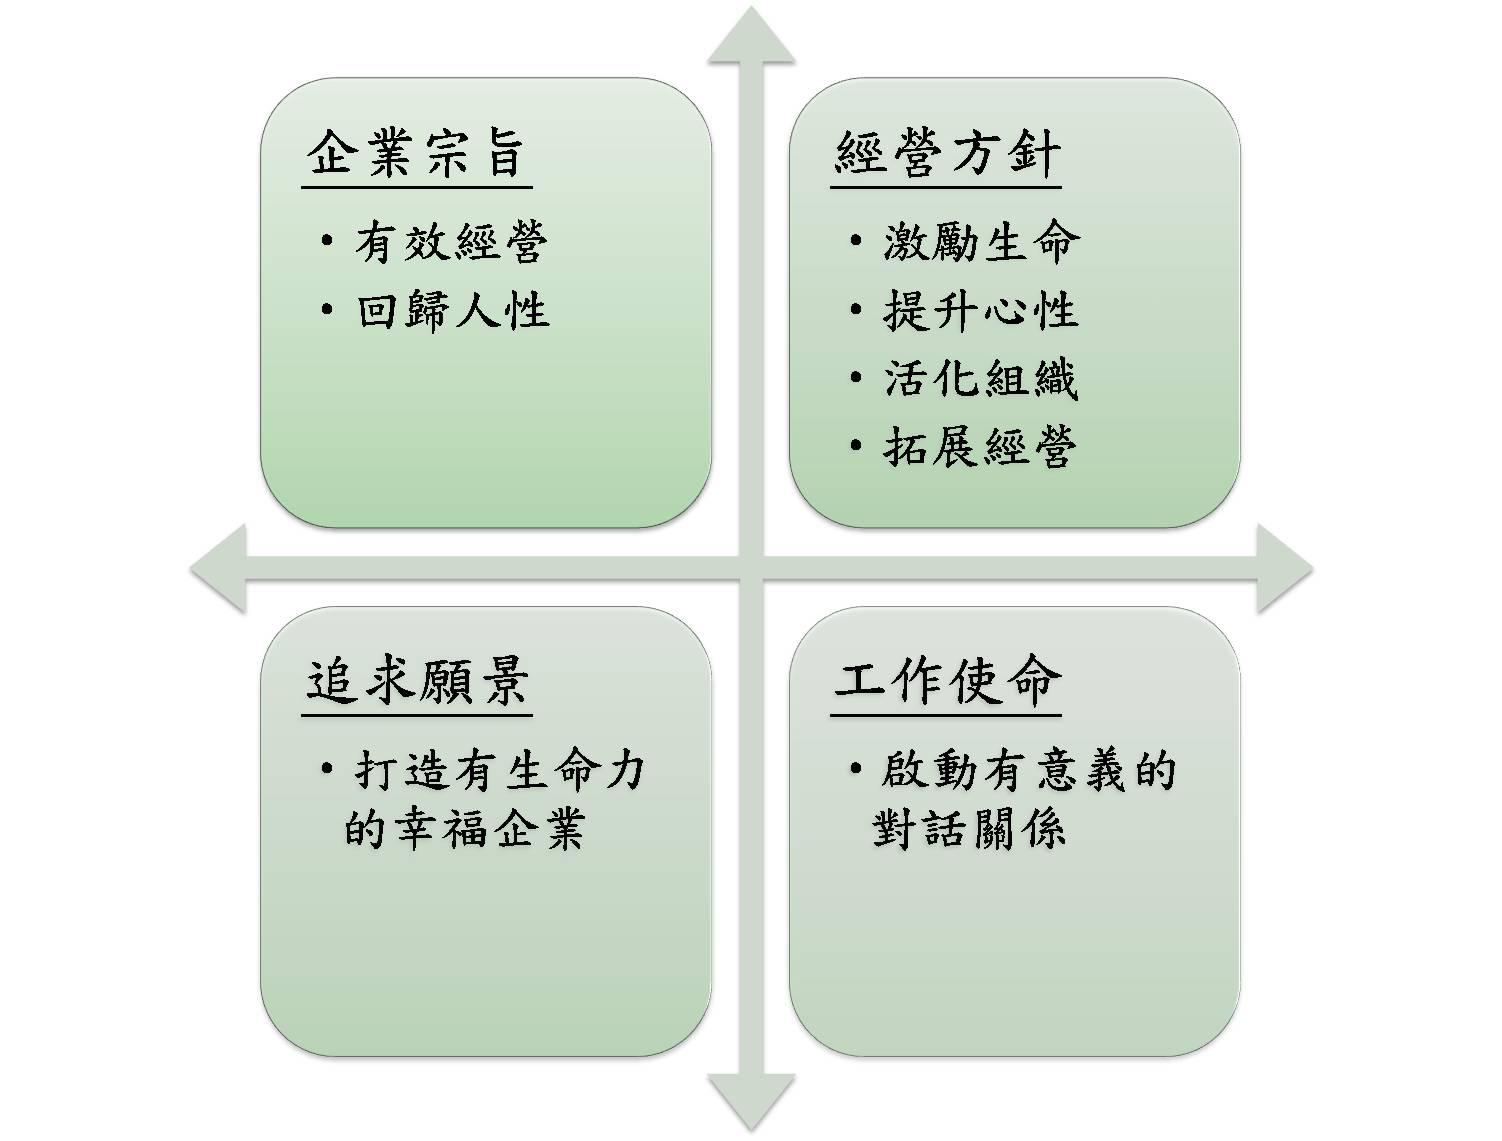 經營架構.jpg